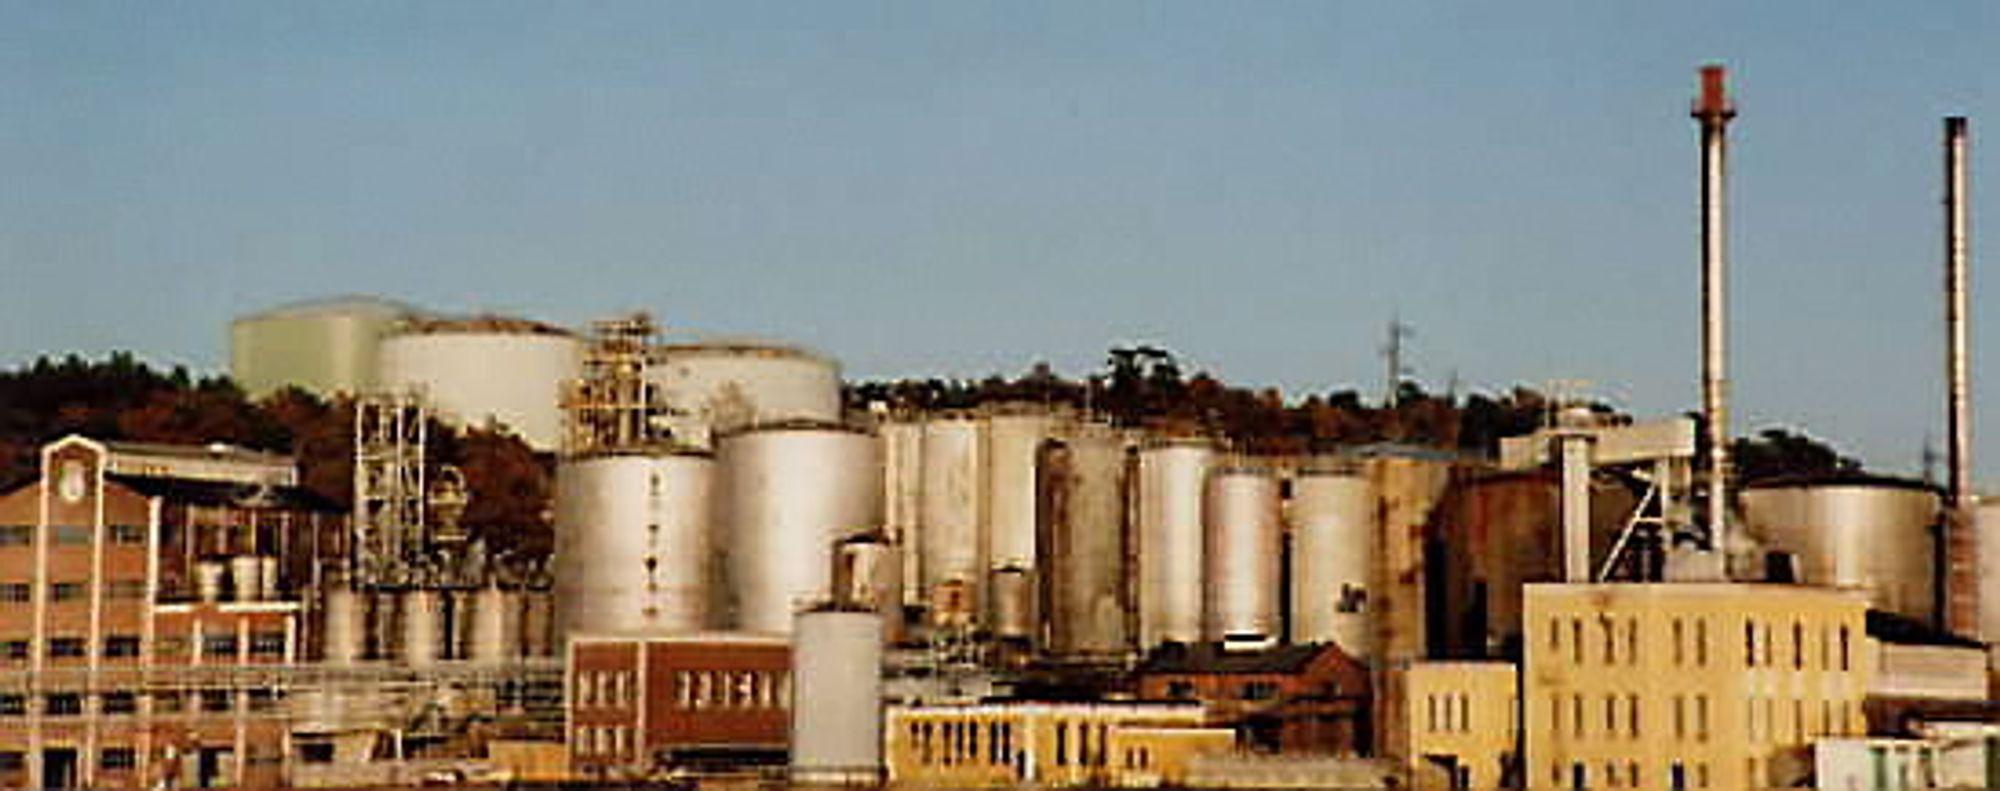 Alle industriprosesser er mer eller mindre ulineære, og krever ekstra sikkerhetsmarginer.